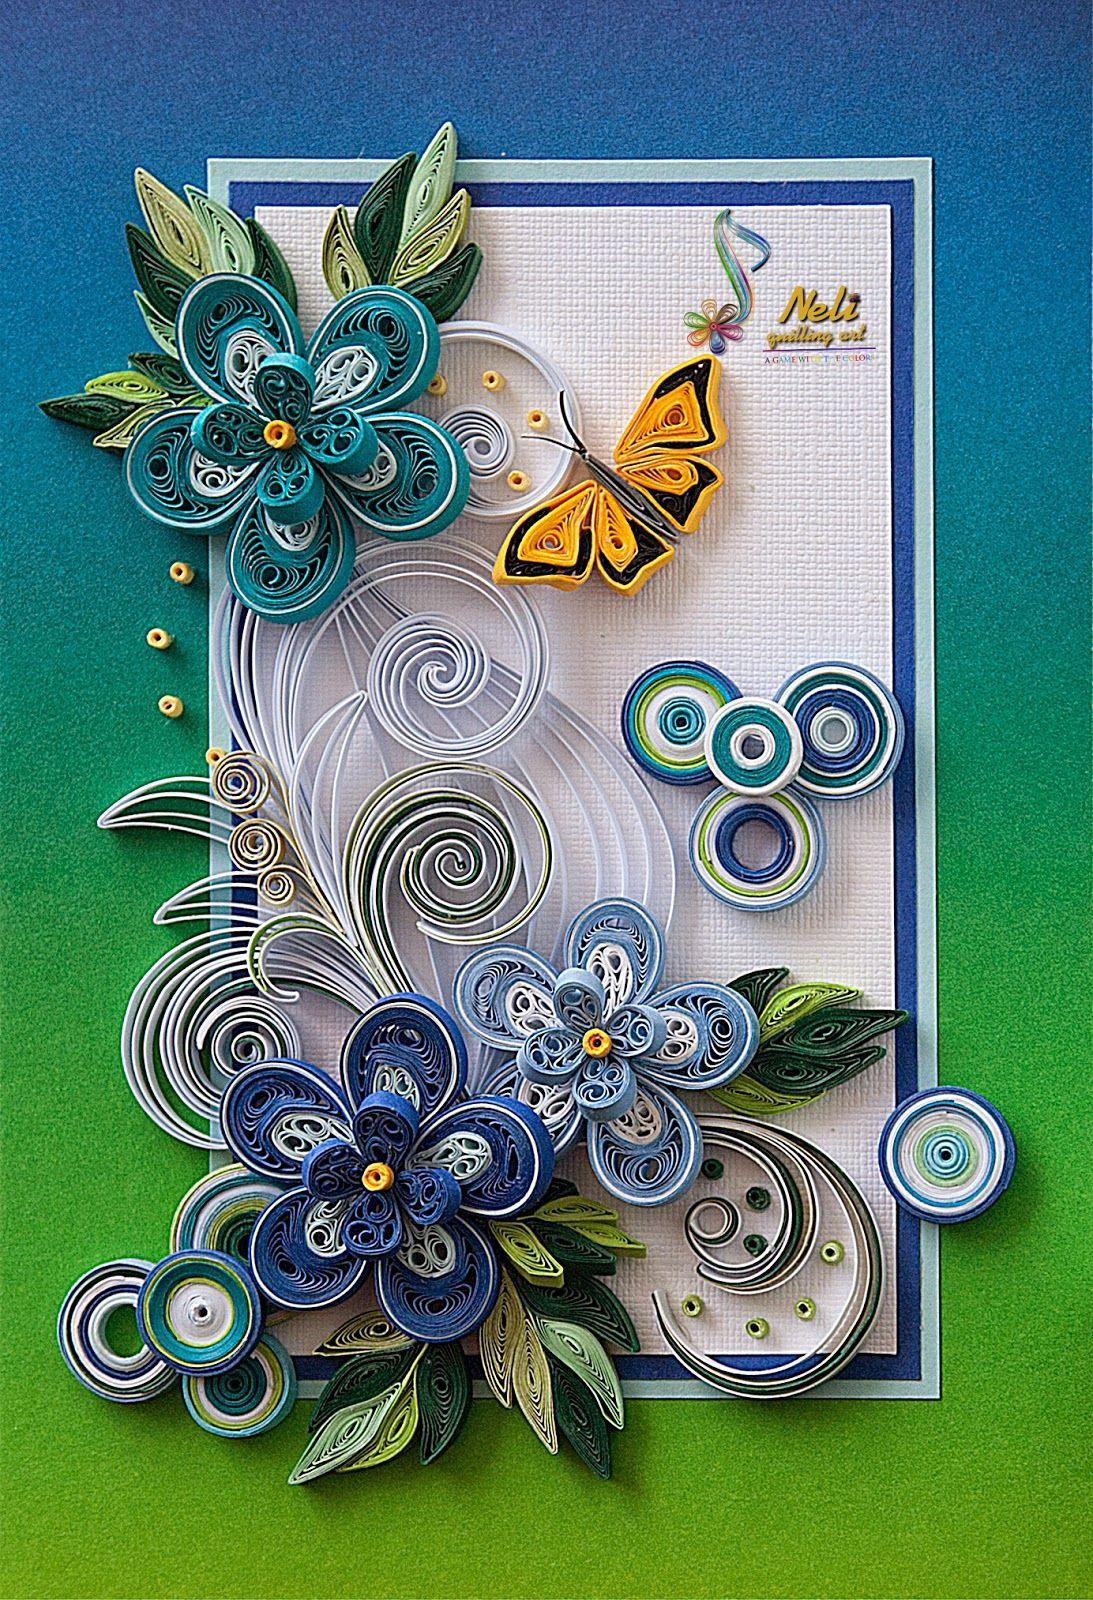 цветы из бумаги квиллинг для открытки своими руками